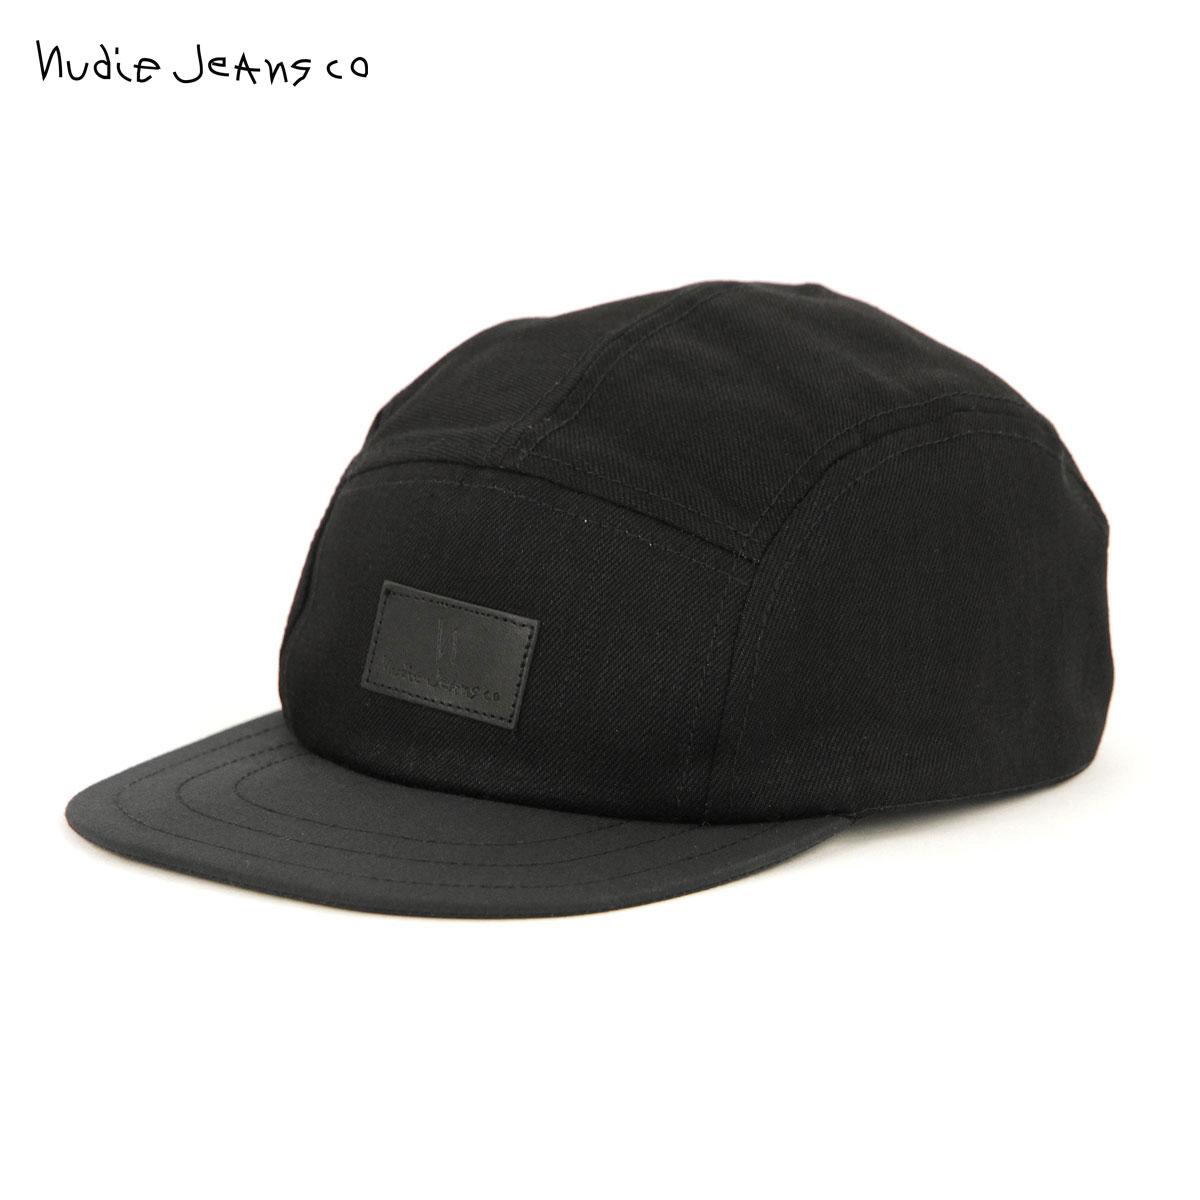 ヌーディージーンズ キャップ メンズ レディース 正規販売店 Nudie Jeans 帽子 MONTY CAP BLACK B01 180666 敬老の日 プレゼント